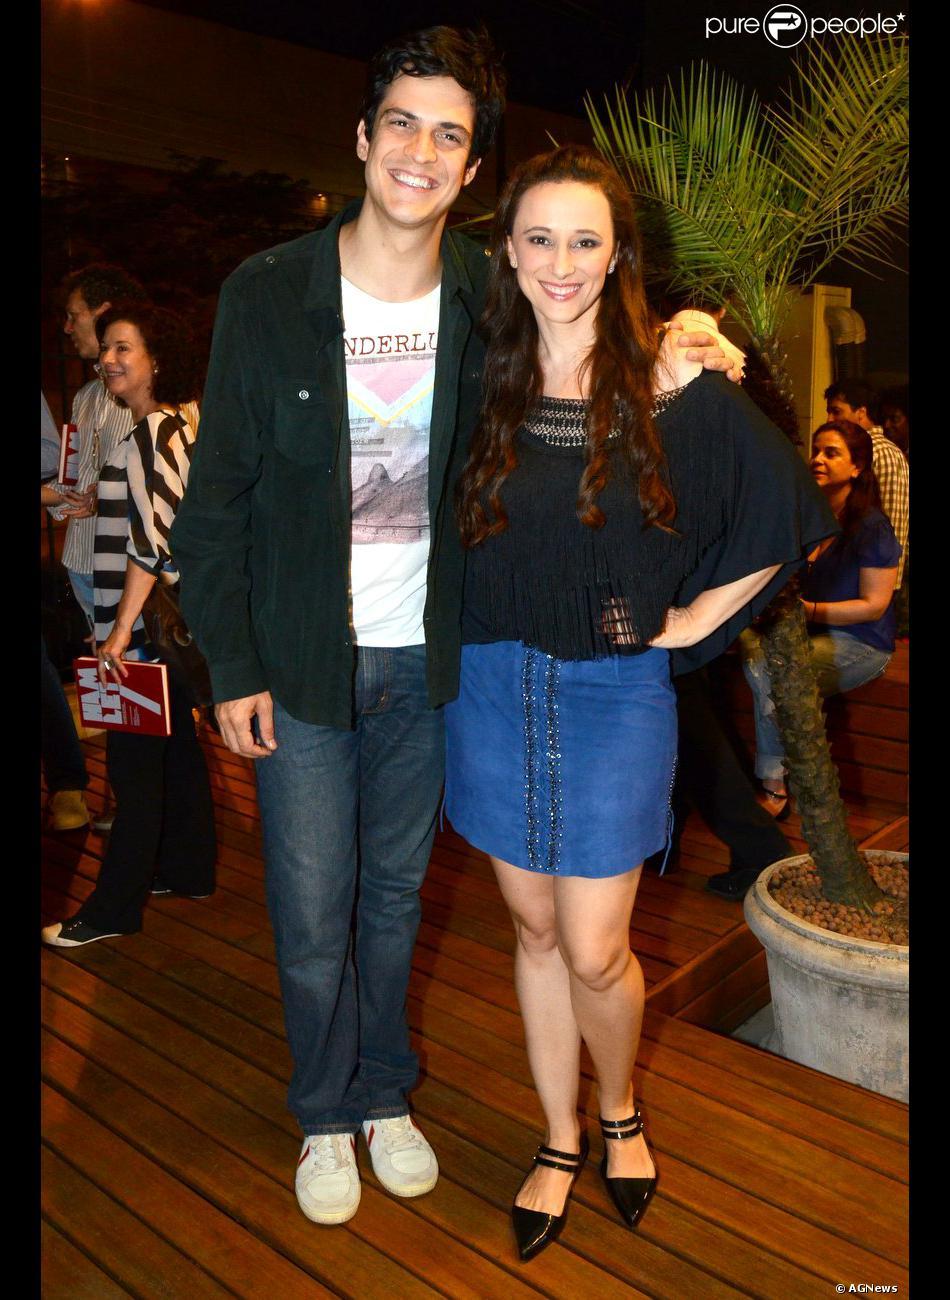 Mateus Solano e sua mulher, Paula Braun, prestigiam lançamento de livro 'Hamlet', em Botafogo, Zona Sul do Rio de Janeiro, nesta segunda-feira, 18 de novembro de 2013